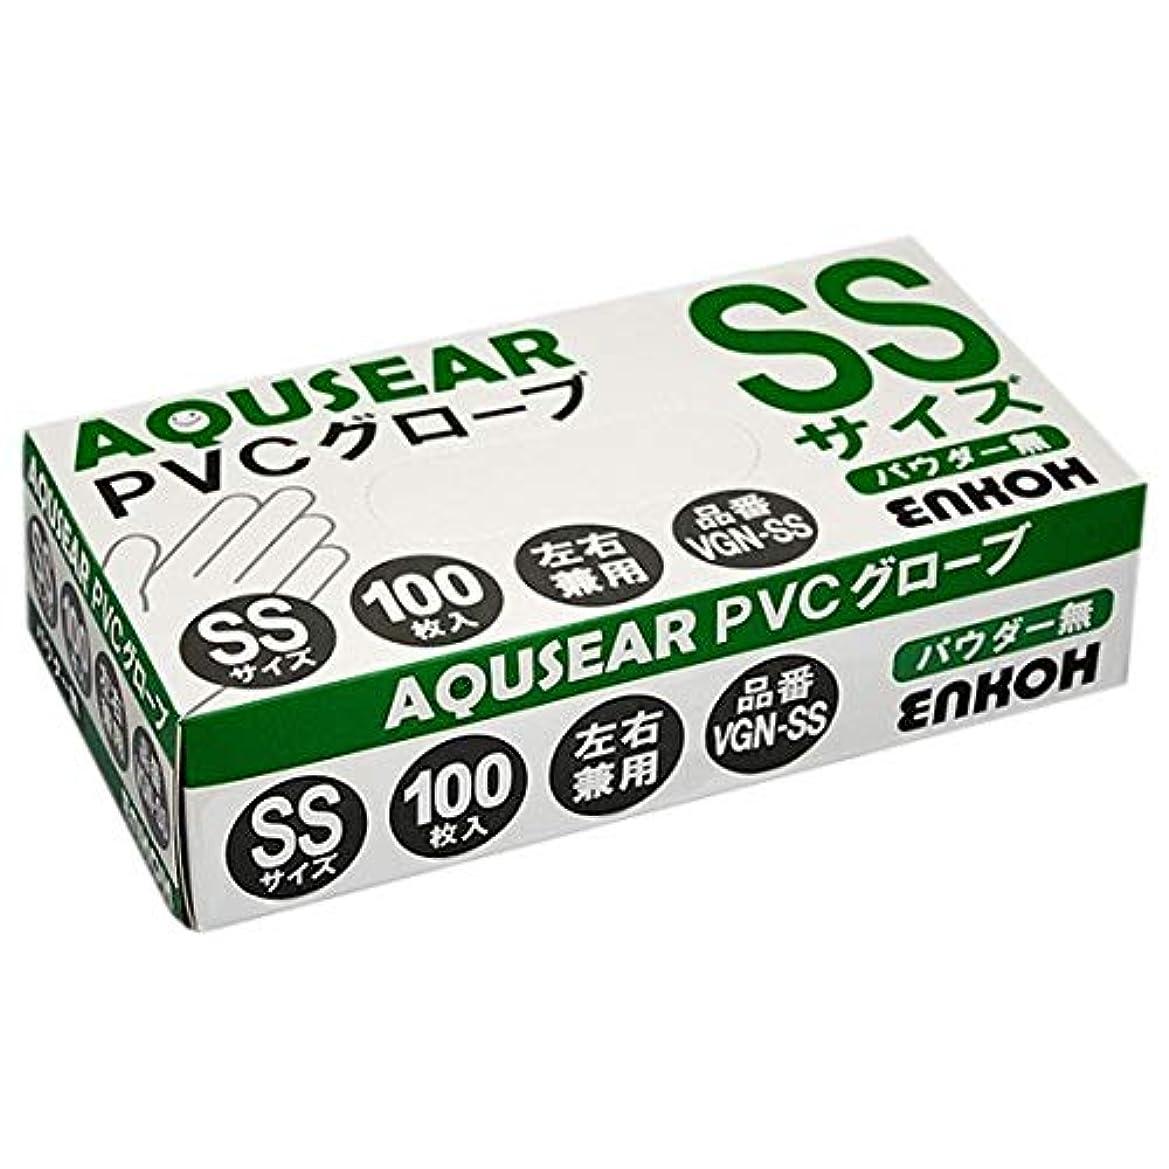 記念碑下手敬意を表してAQUSEAR PVC プラスチックグローブ SSサイズ パウダー無 VGN-SS 100枚×20箱